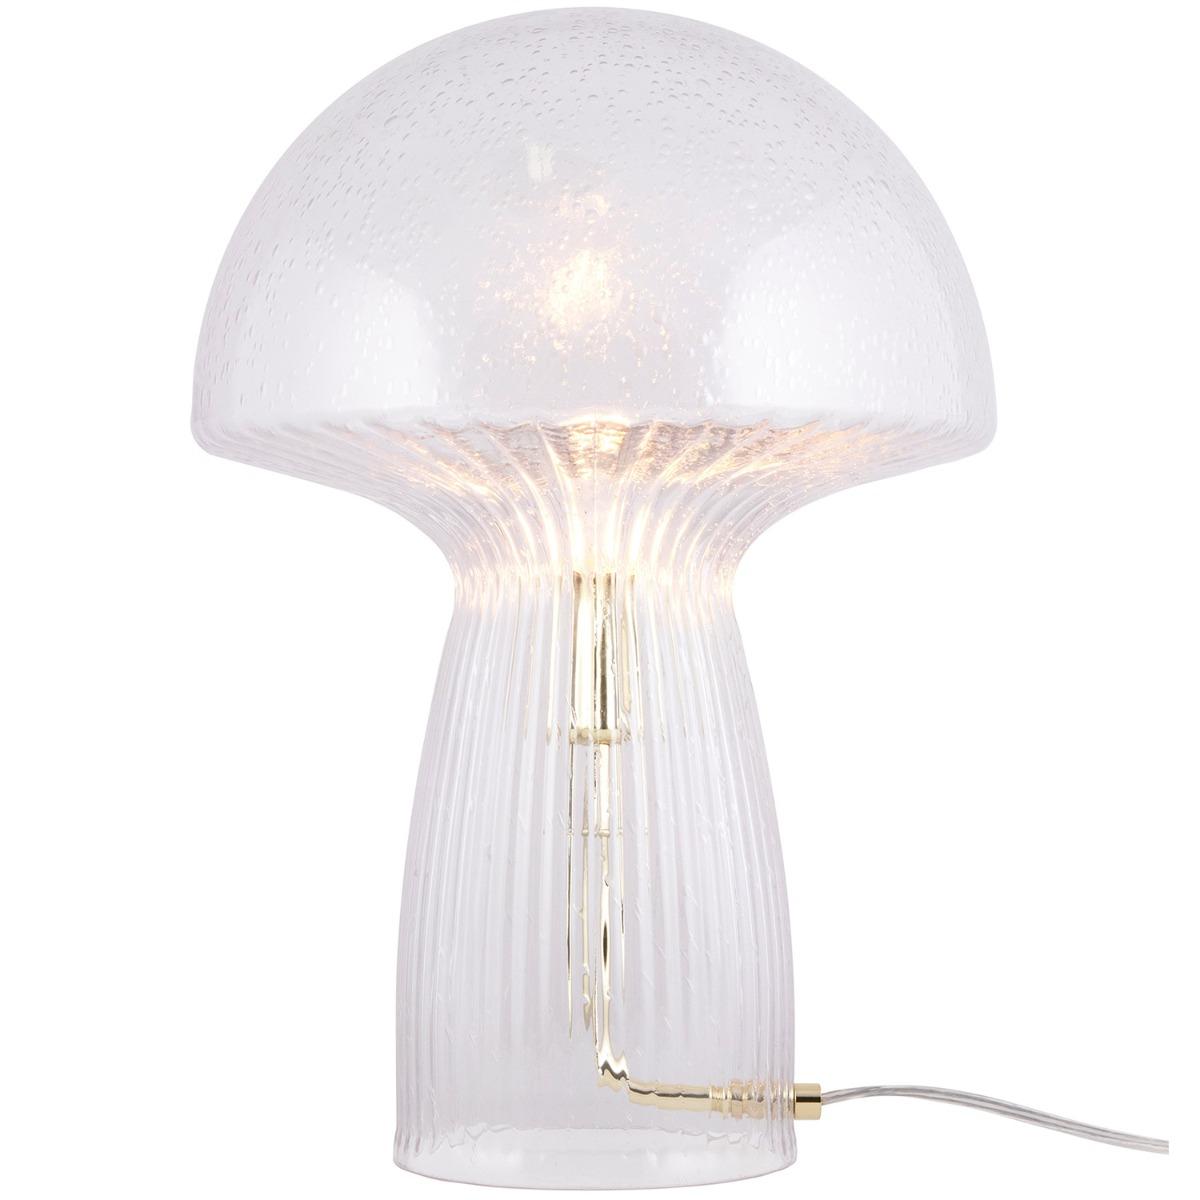 Globen Lighting Bordlampa Fungo 30cm Klar